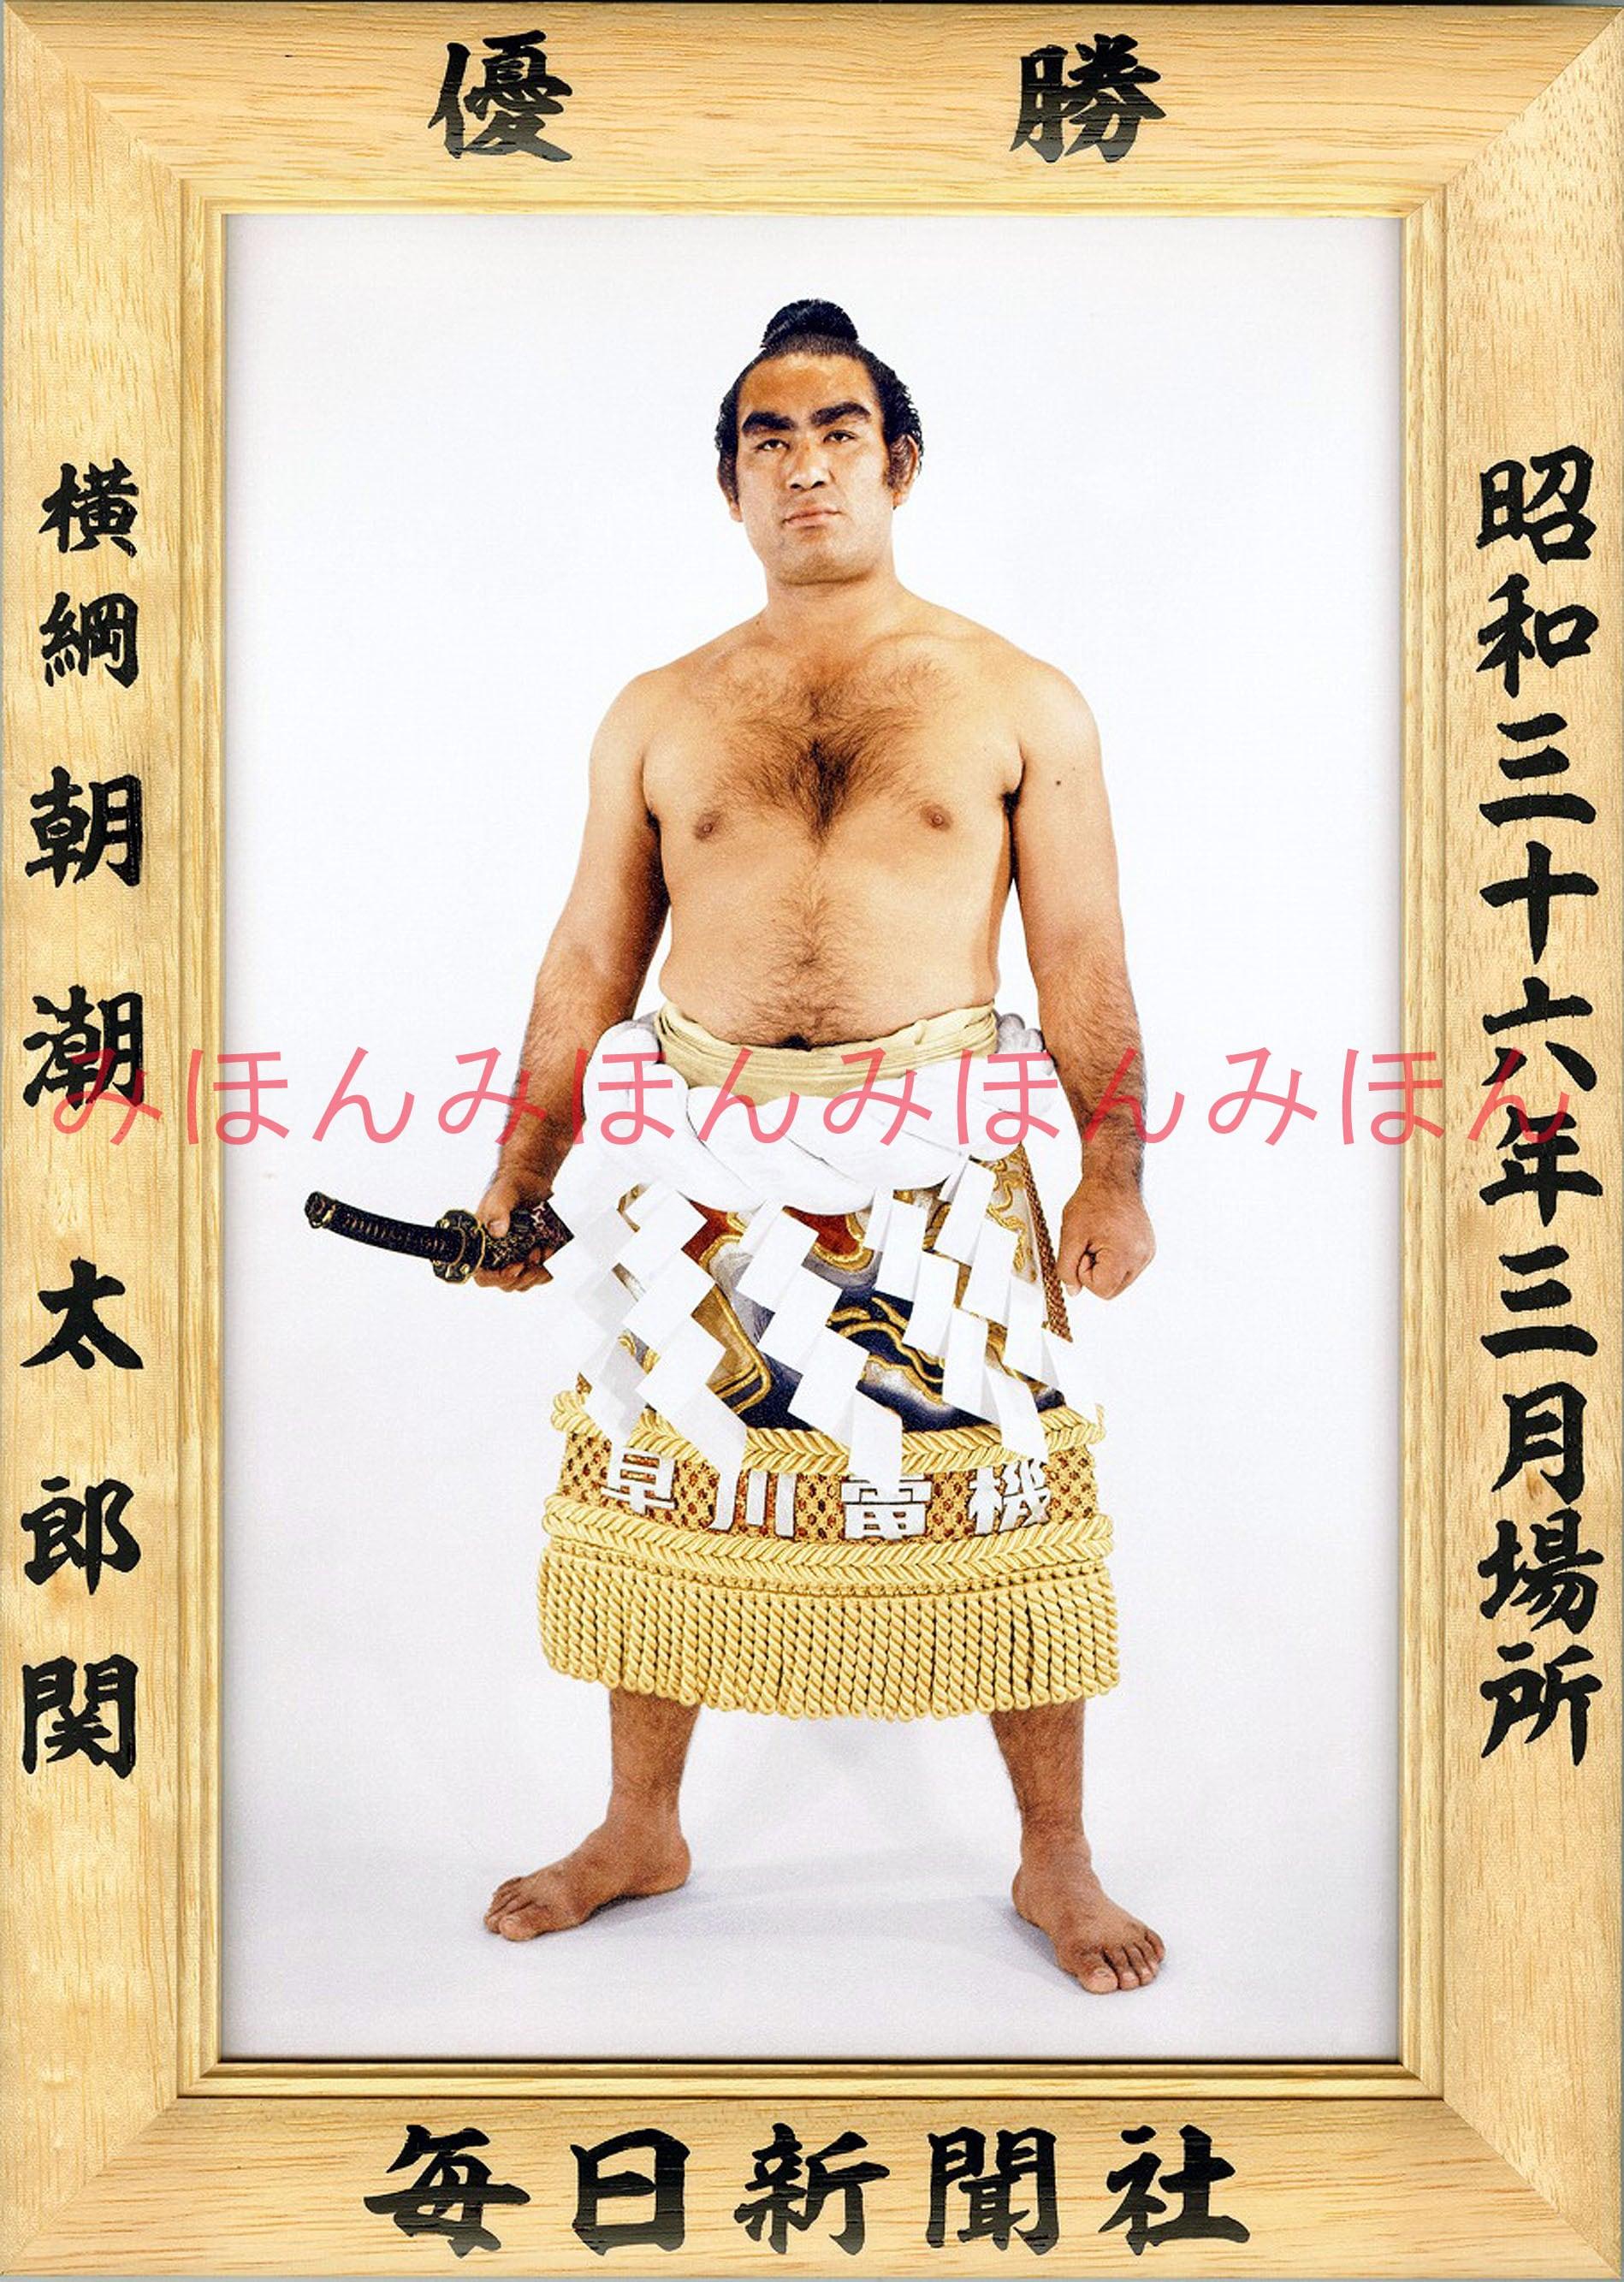 昭和36年3月場所優勝 横綱 朝潮太郎関(5回目最後の優勝)